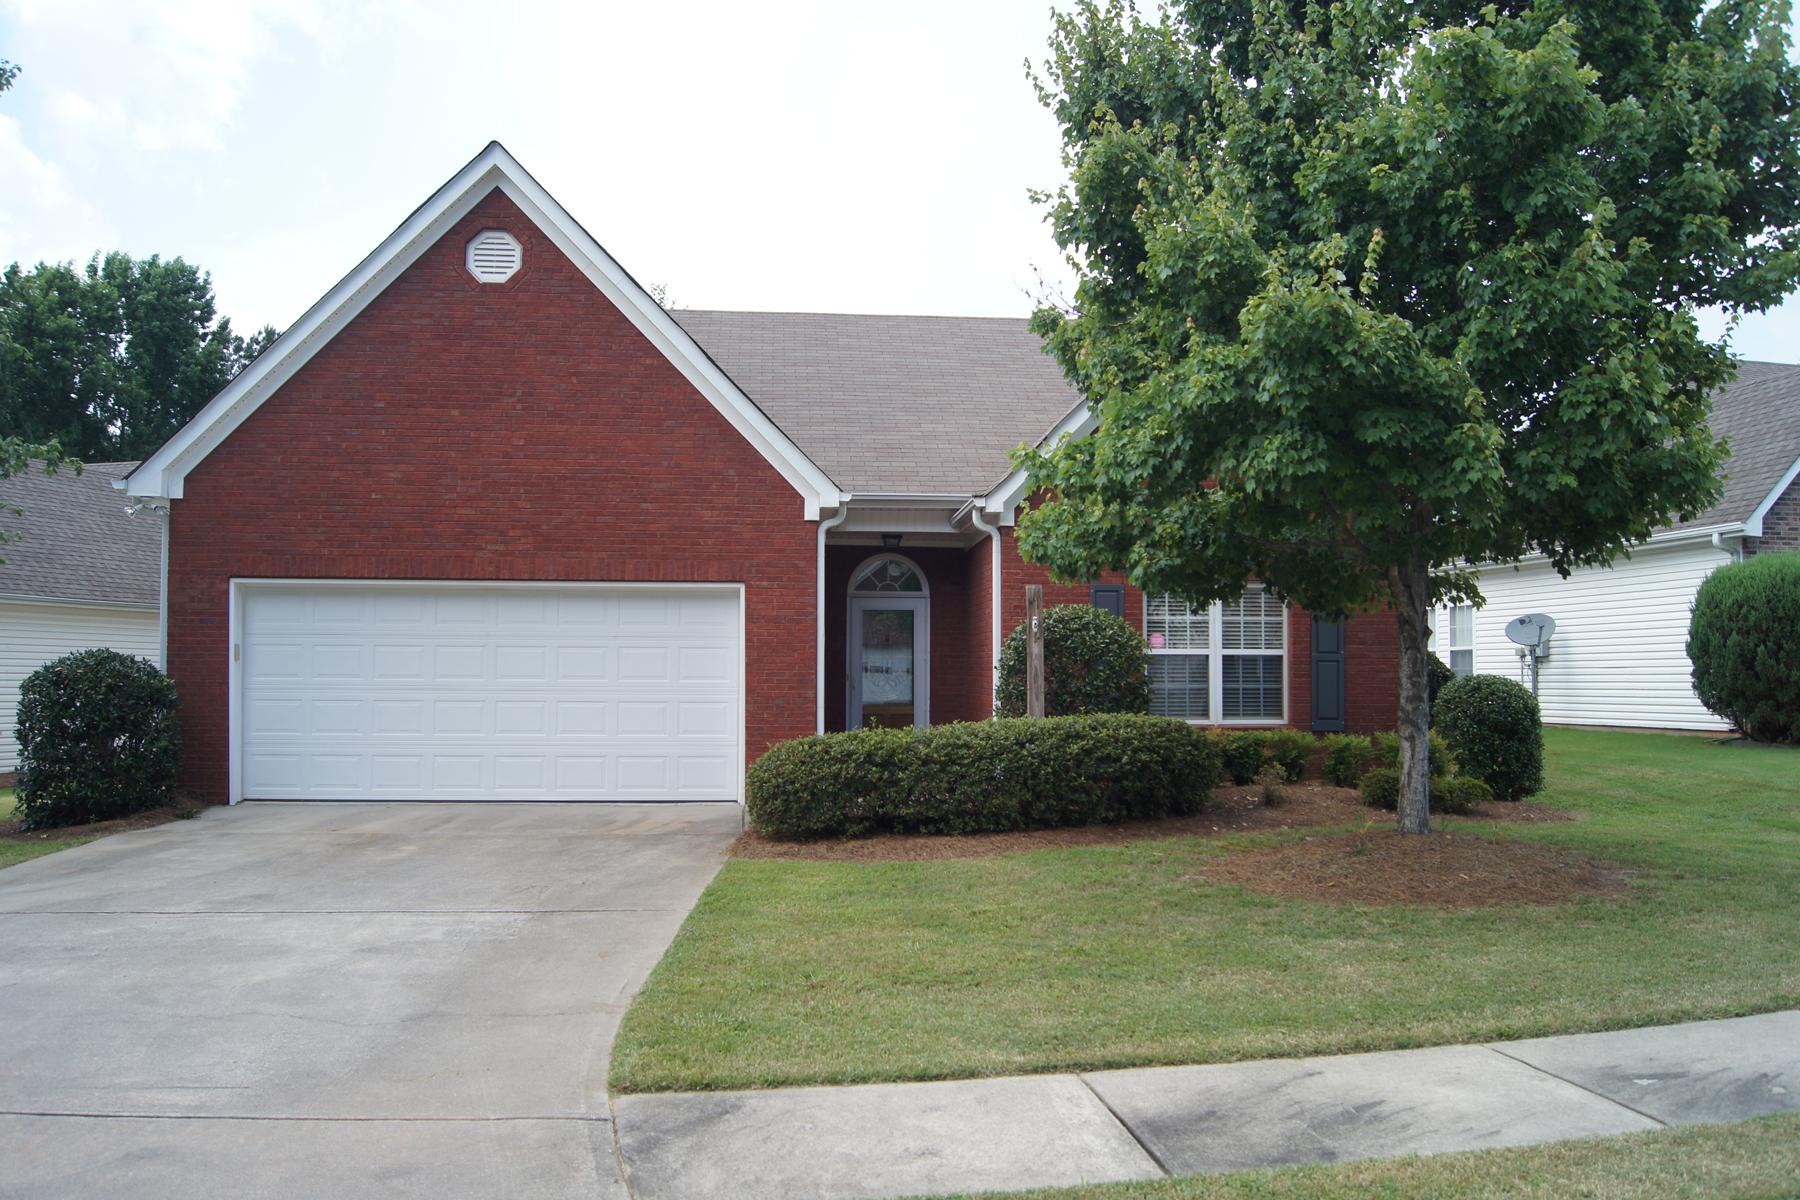 Maison unifamiliale pour l à louer à Like-New Rental in Fayetteville 125 Kaylee Court Fayetteville, Georgia 30214 États-Unis